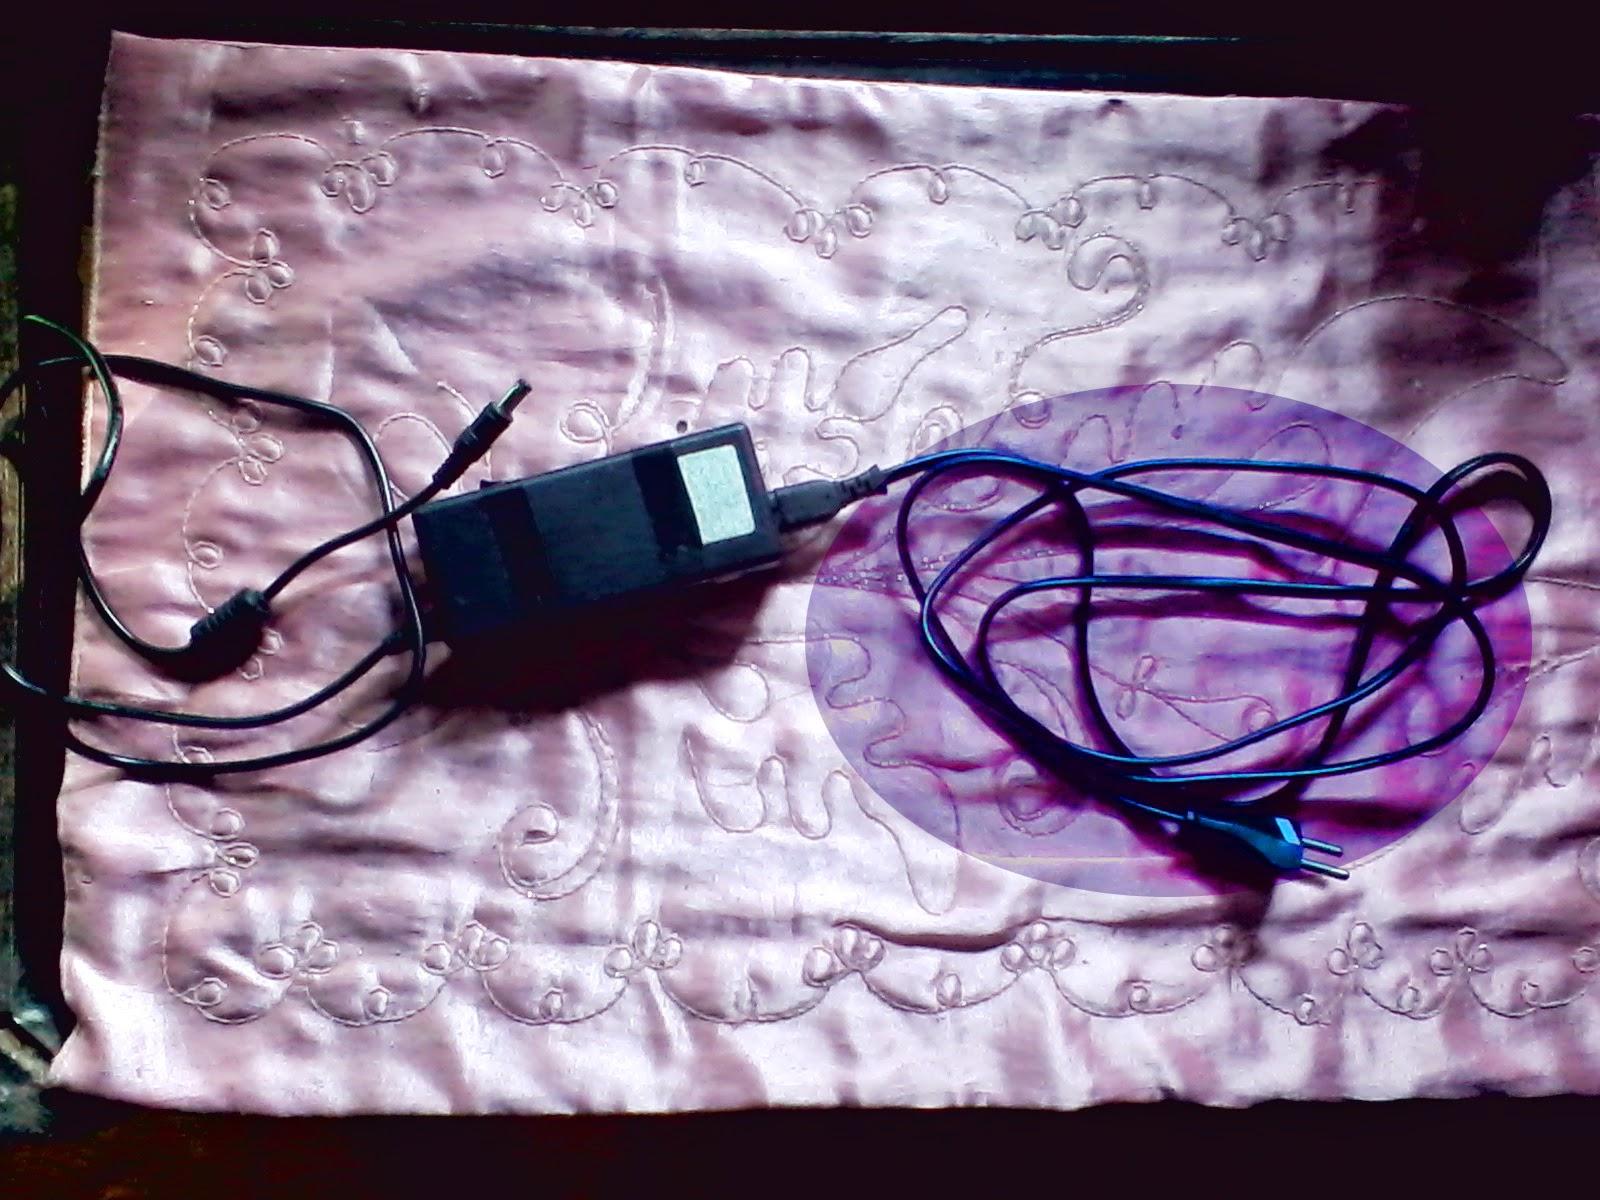 Mengatasi Kerusakan Dan Mengakali Kabel Power Cash Laptop Yg Sering